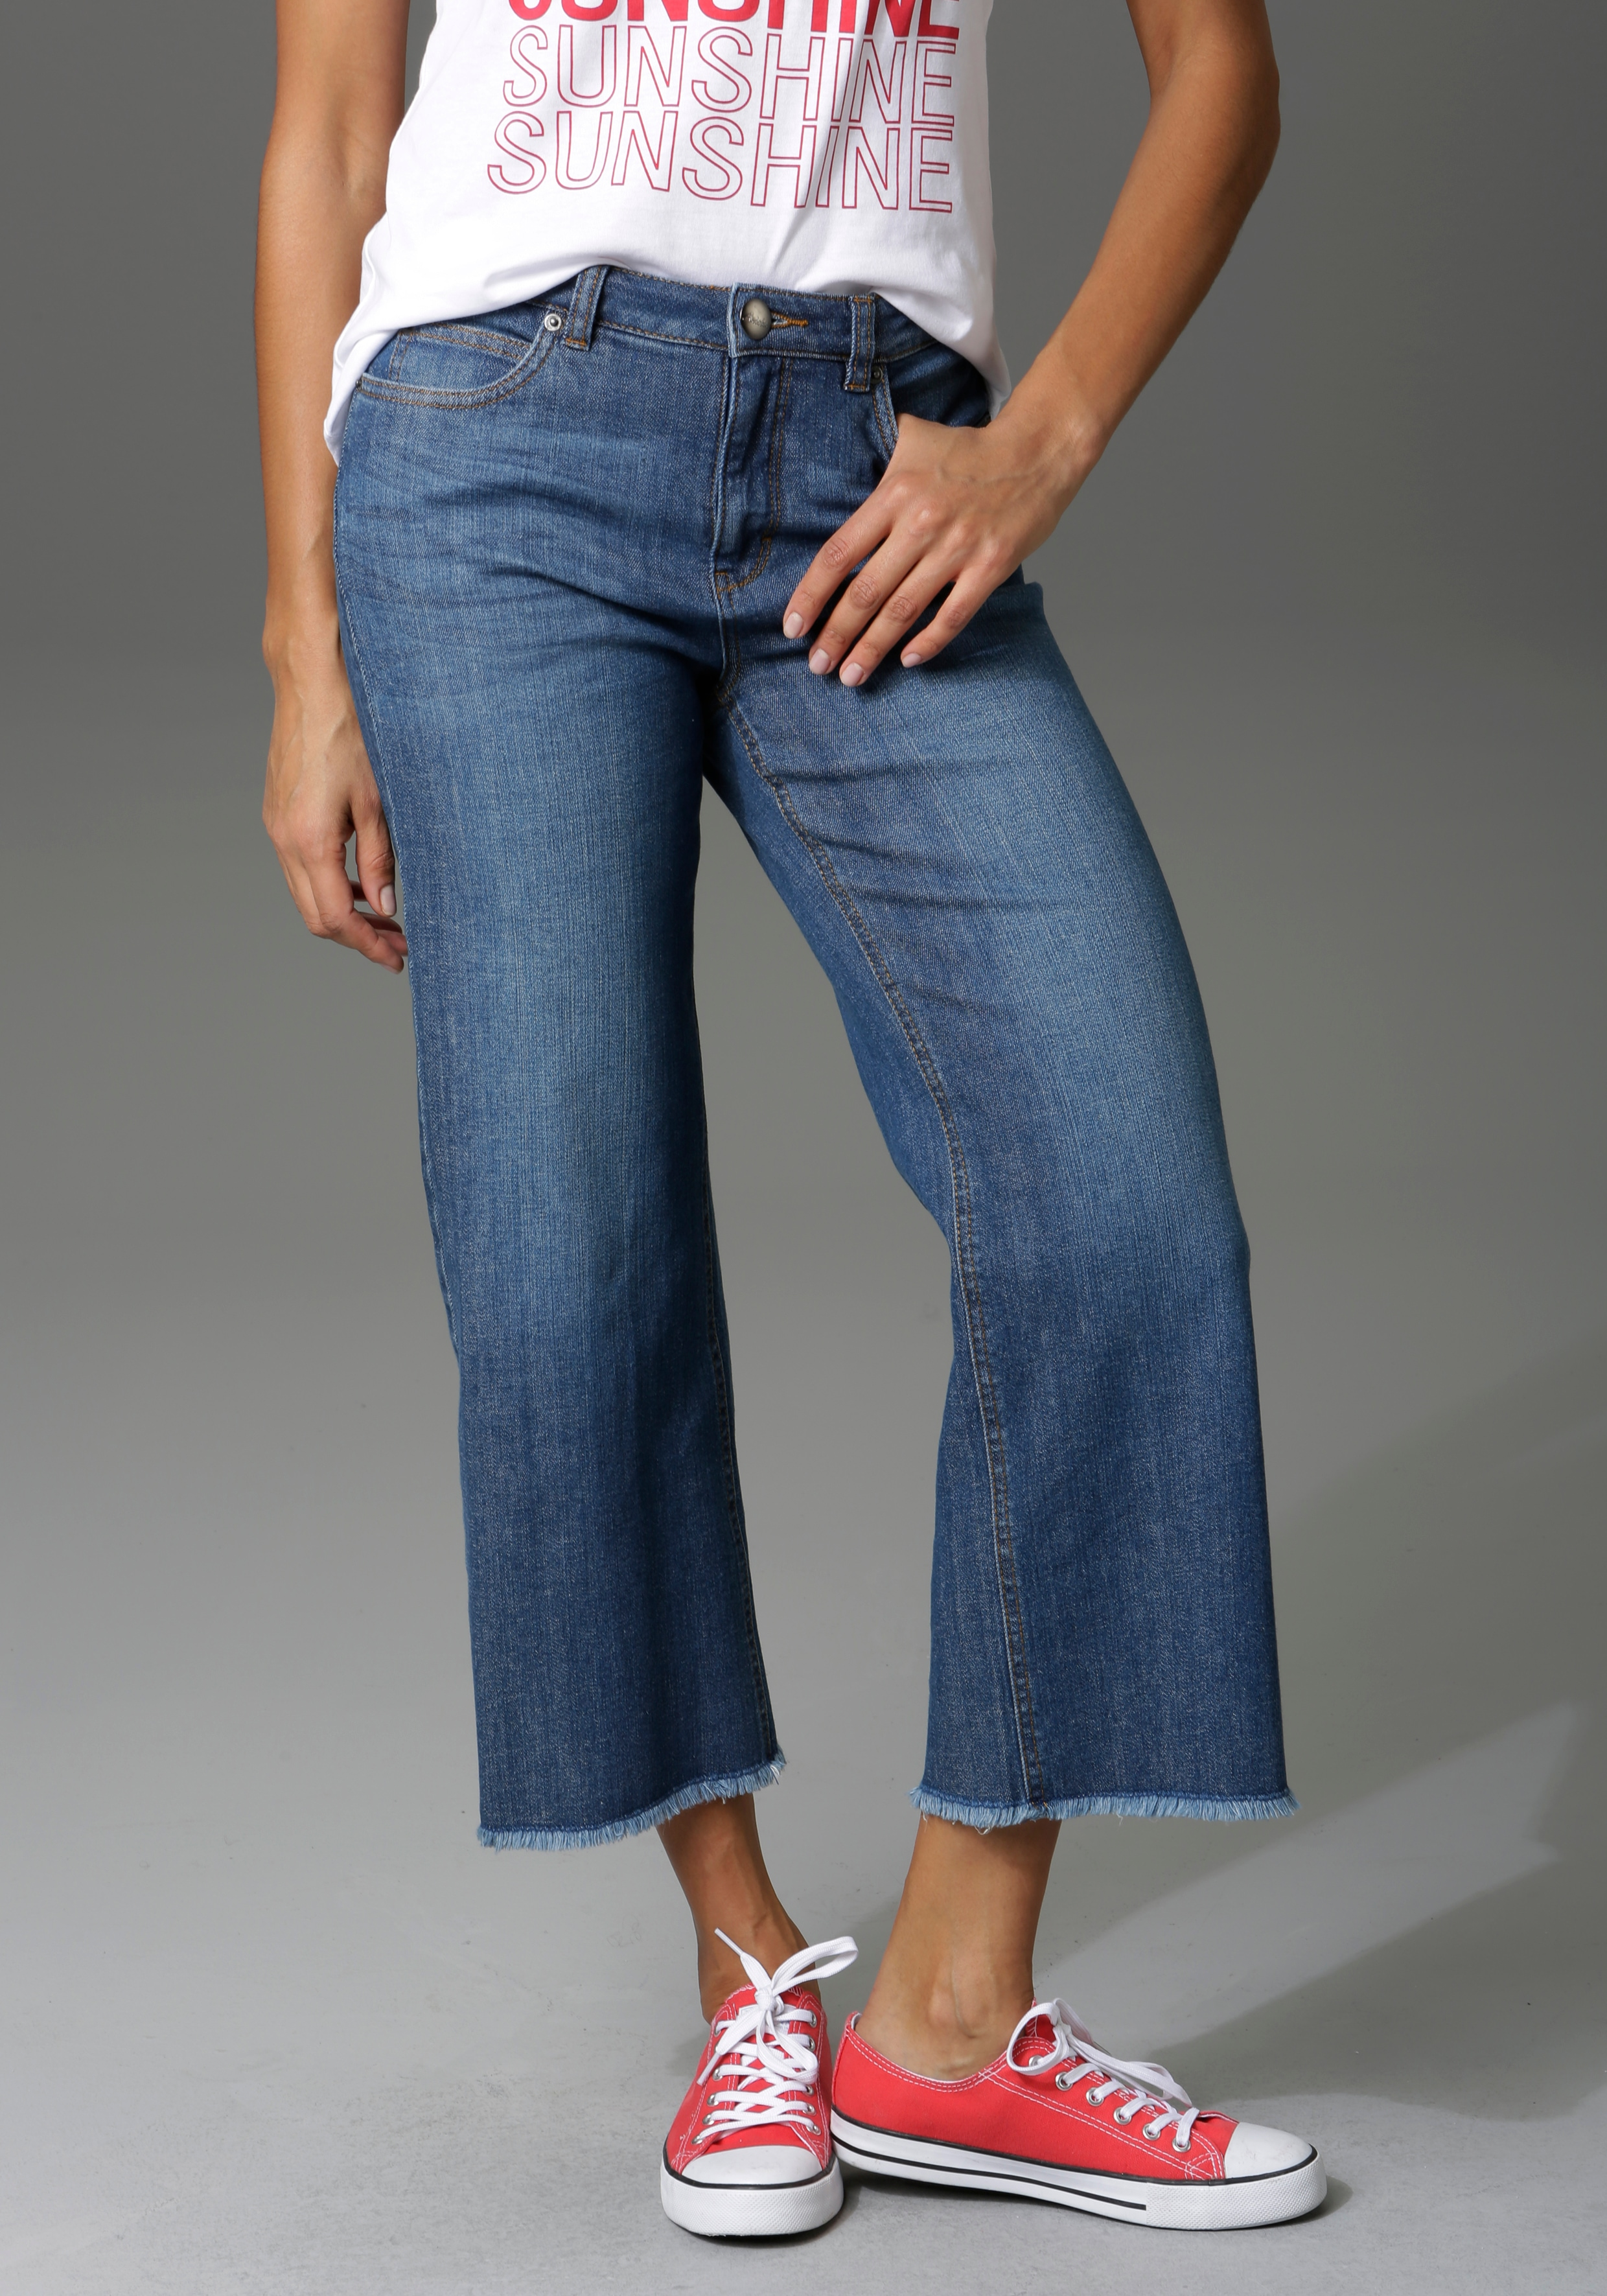 Image of Aniston CASUAL 7/8-Jeans, mit leicht ausgefranstem Beinabschluss - NEUE KOLLEKTION